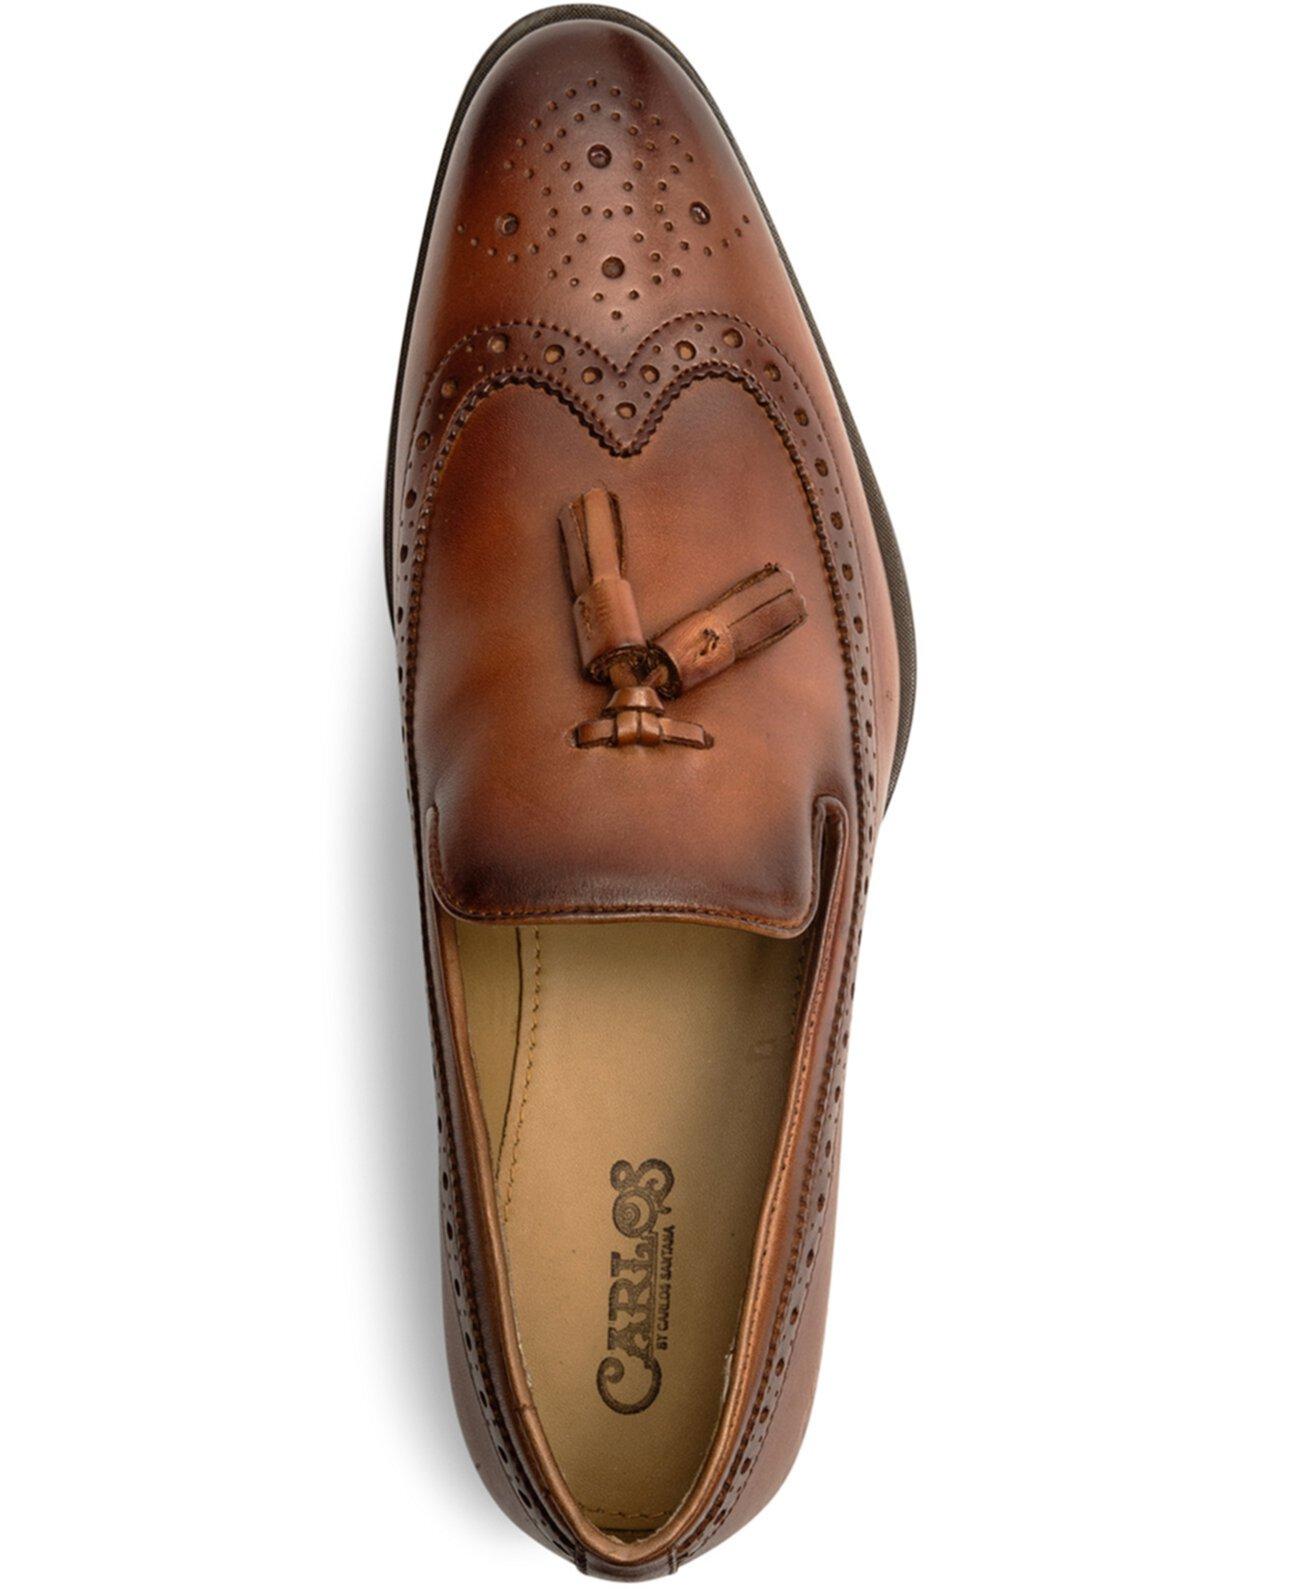 Sanders Tassel Loafer CARLOS by Carlos Santana